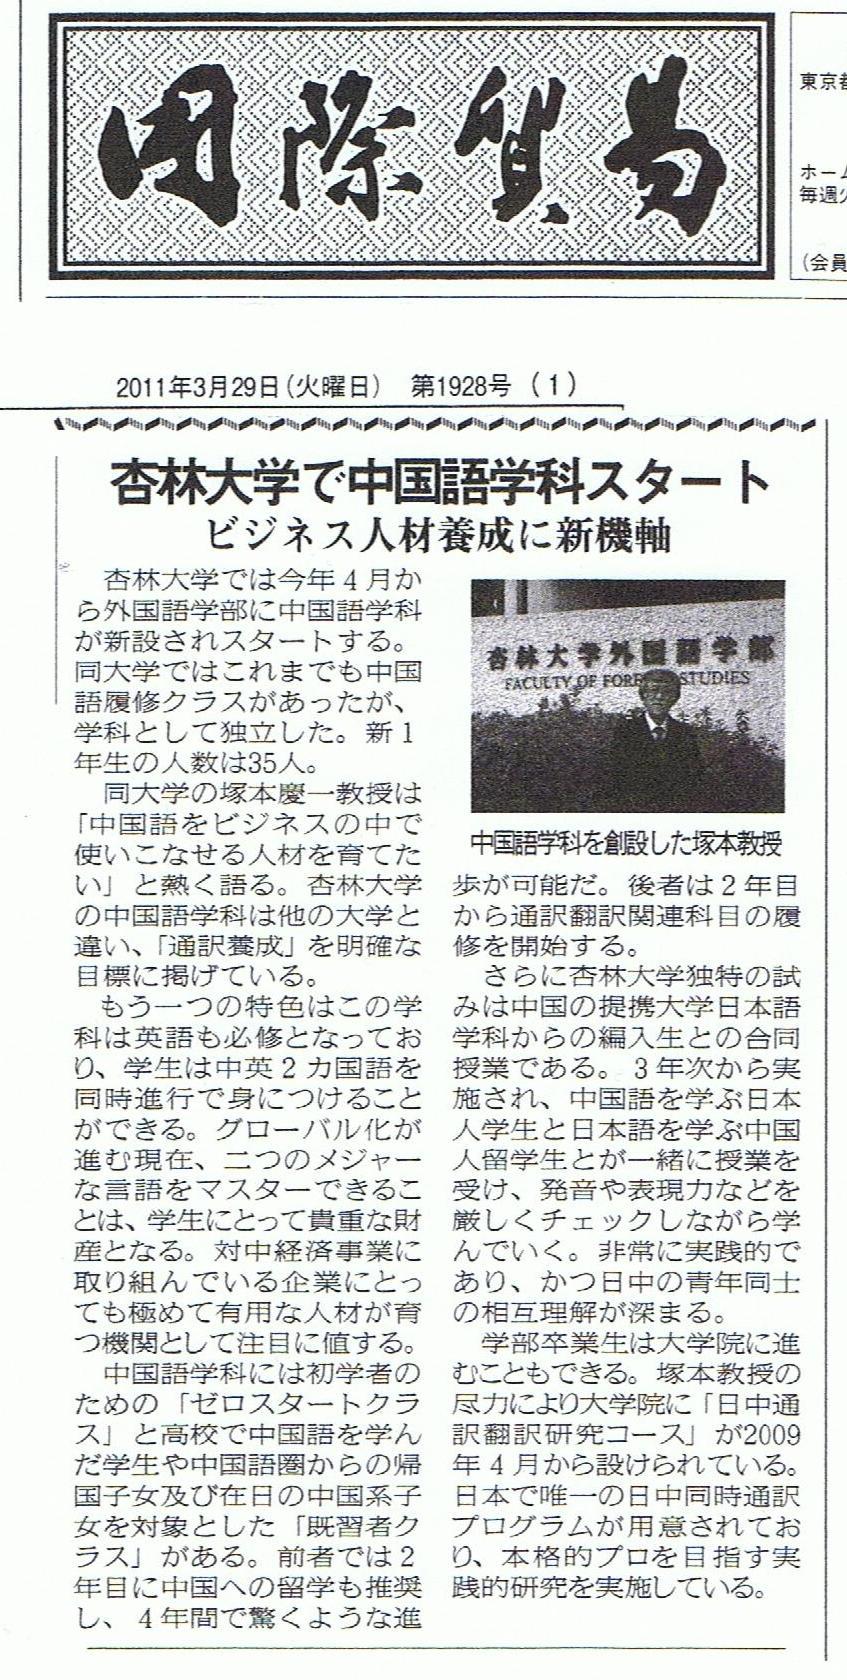 杏林大学で中国語学科スタート 国際貿易新聞報道_d0027795_8402672.jpg